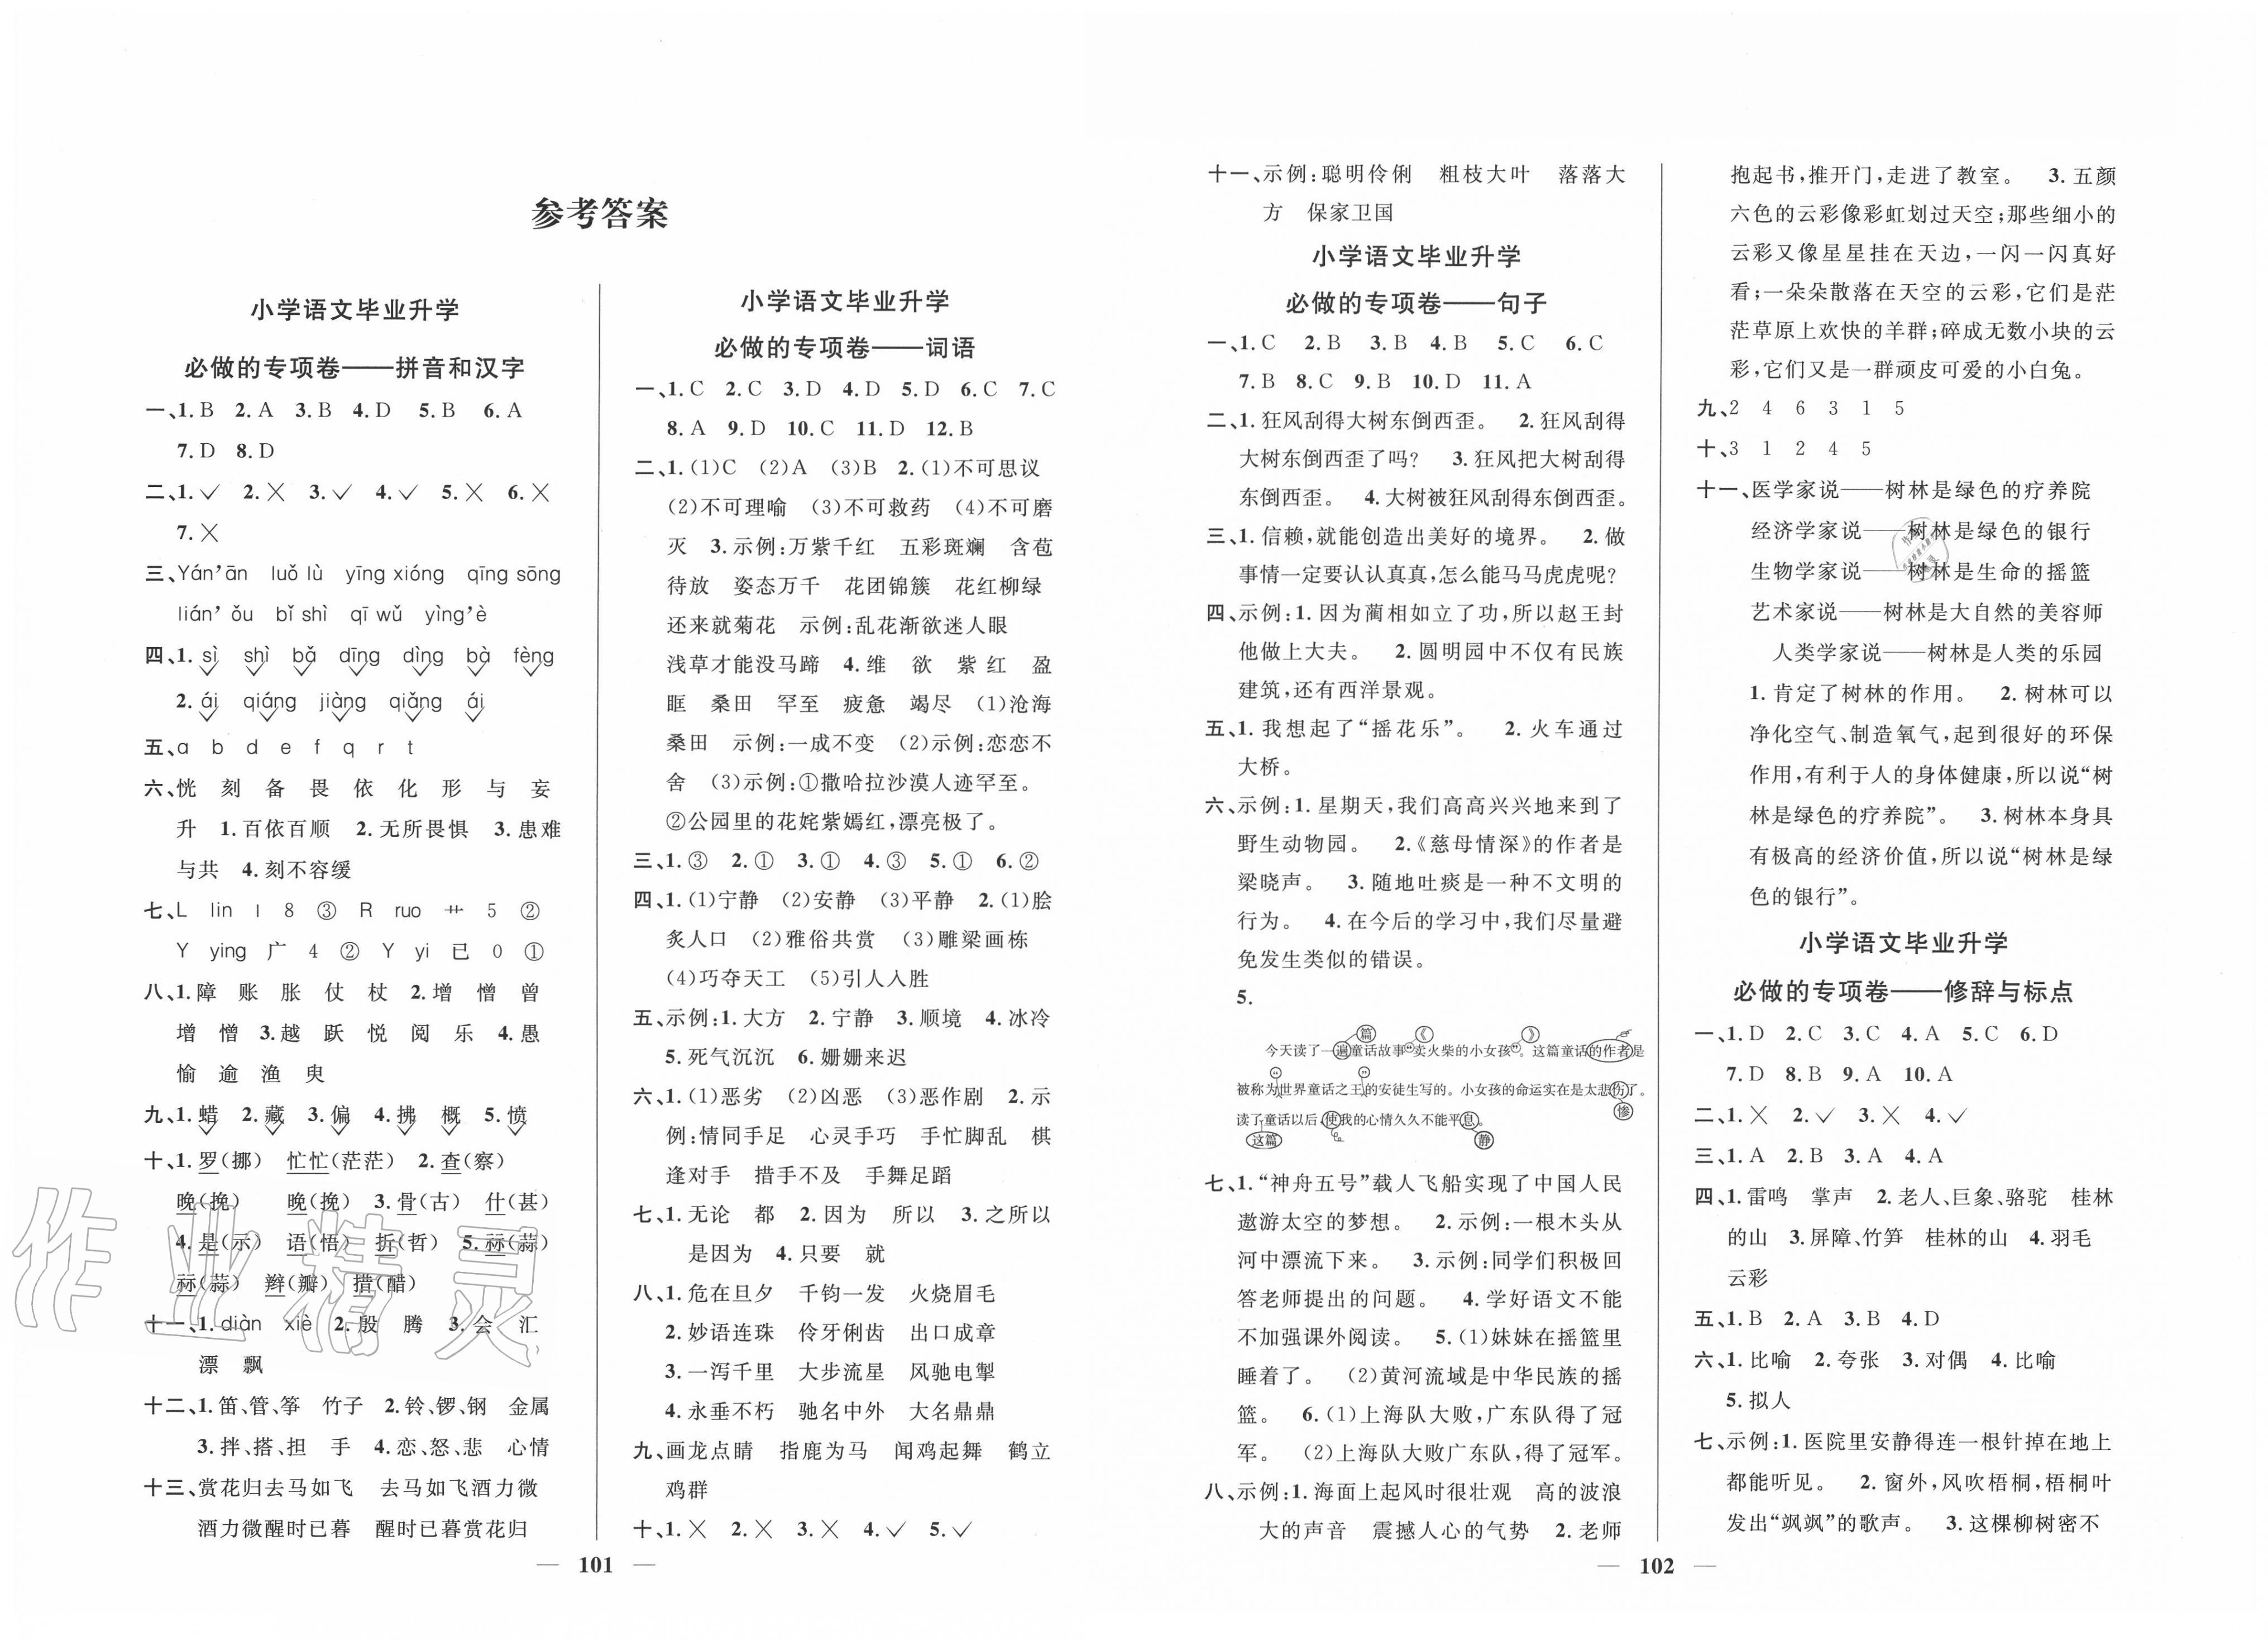 2020年小学毕业升学复习专项卷和真题卷语文台州专版第1页